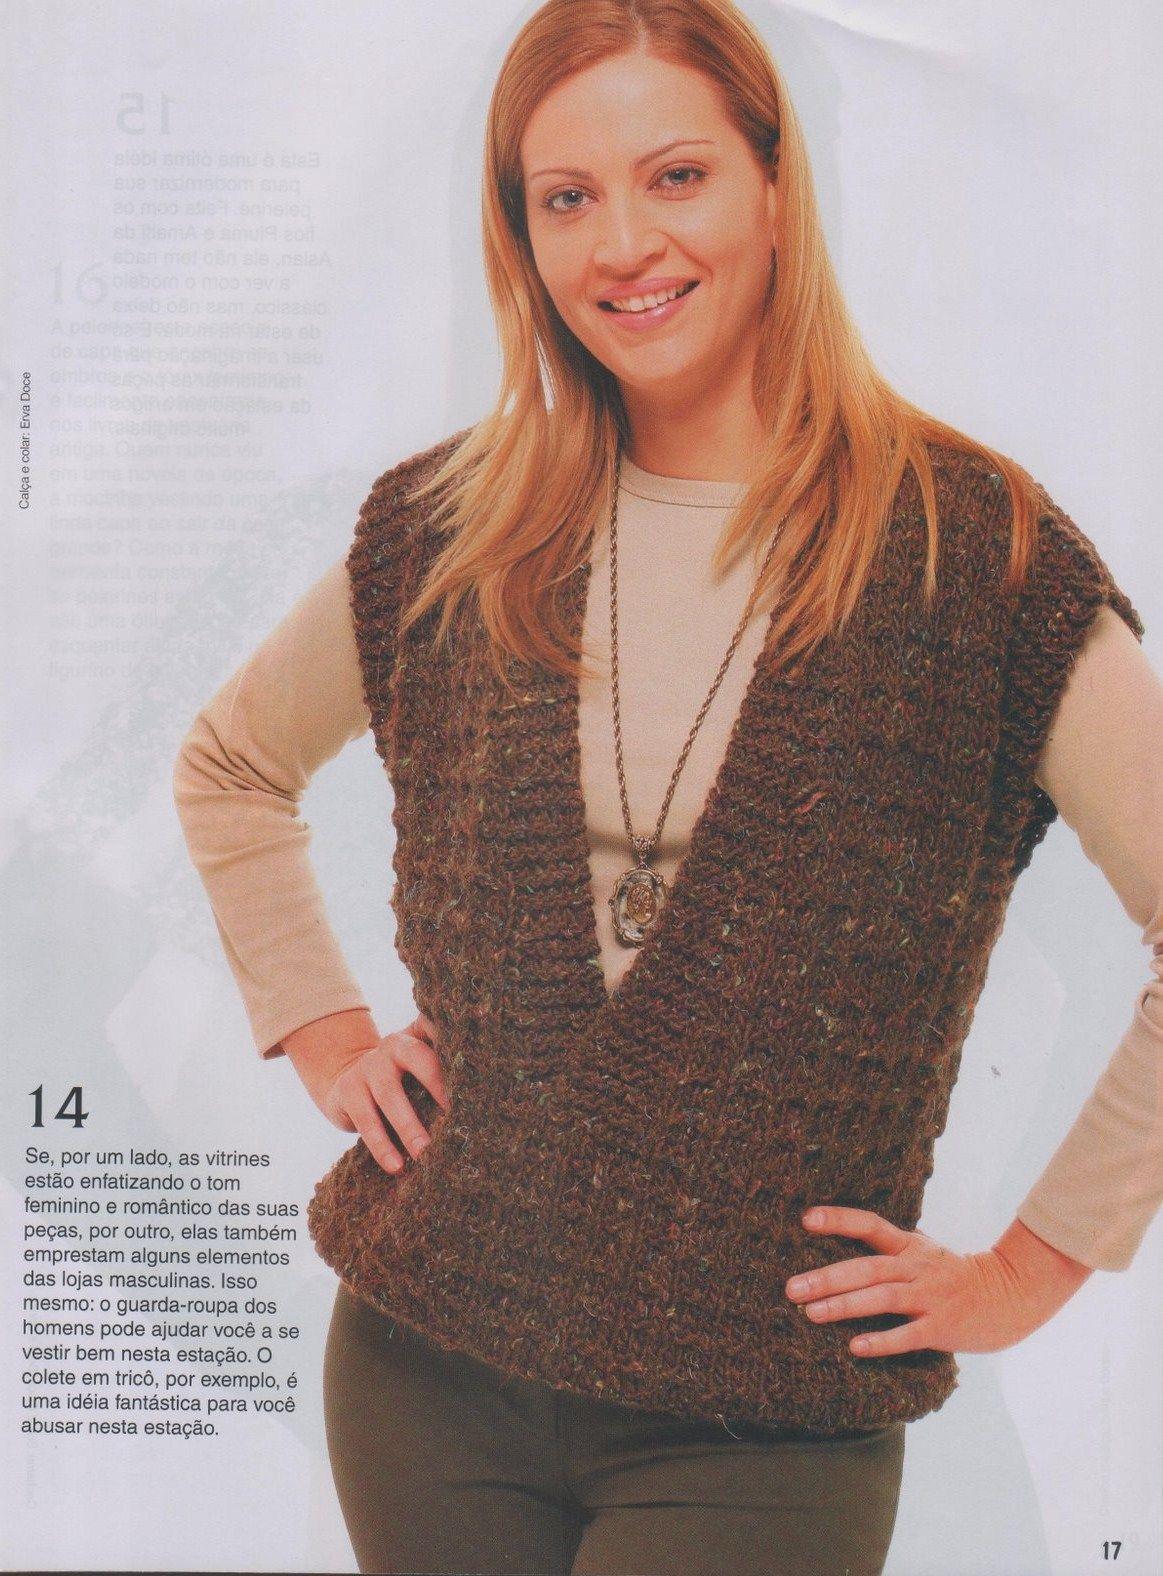 Receita Tricô Fácil Revista Online FIGURINO TRICÔ E CROCHÊ Modelos  imperdíveis Escolha o casaco que mais combina com seu estilo. c2398ff42ec